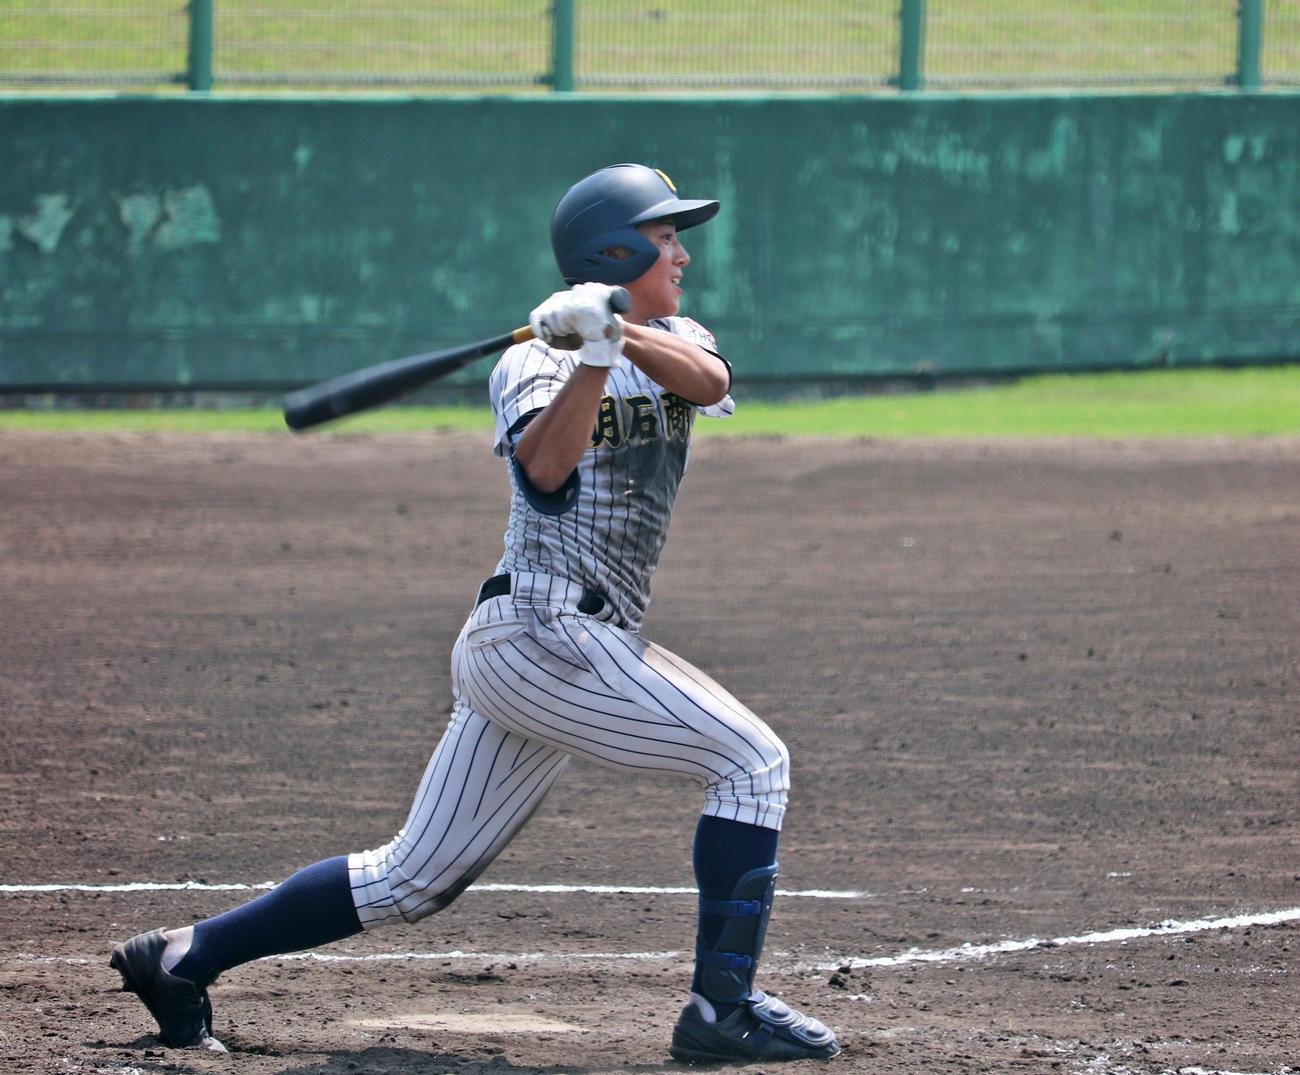 3点本塁打を含む4打数2安打5打点の活躍でコールド勝ちに貢献した明石商・来田(撮影・望月千草)